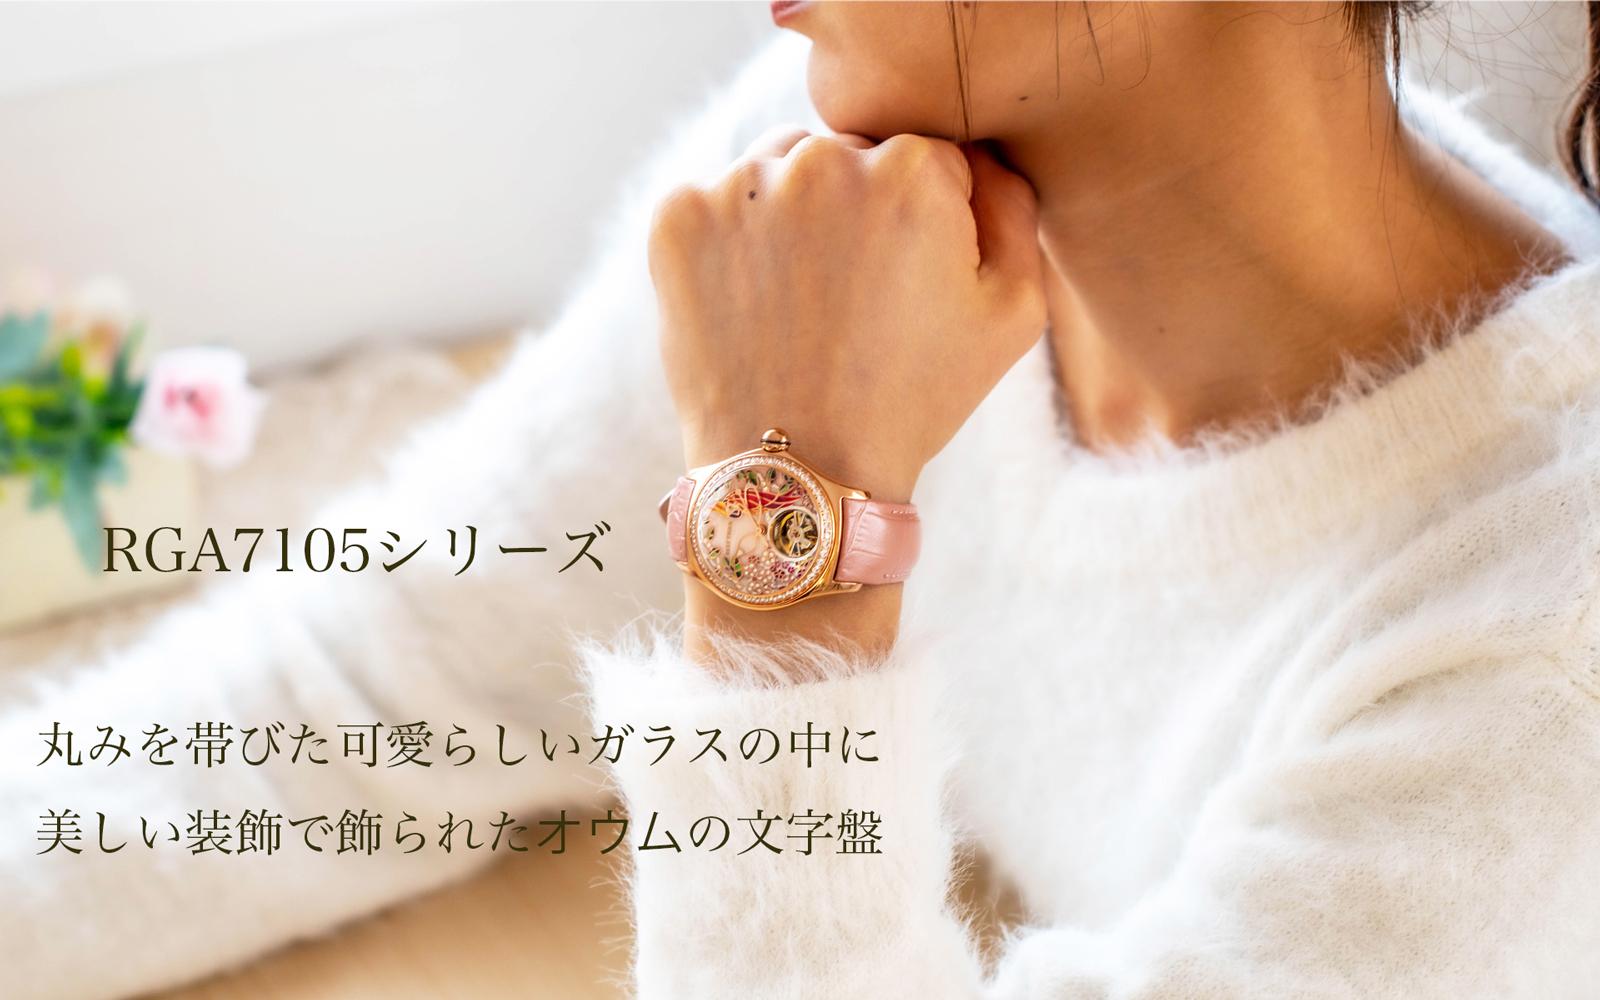 オウムがデザインされた腕時計rga7105シリーズ